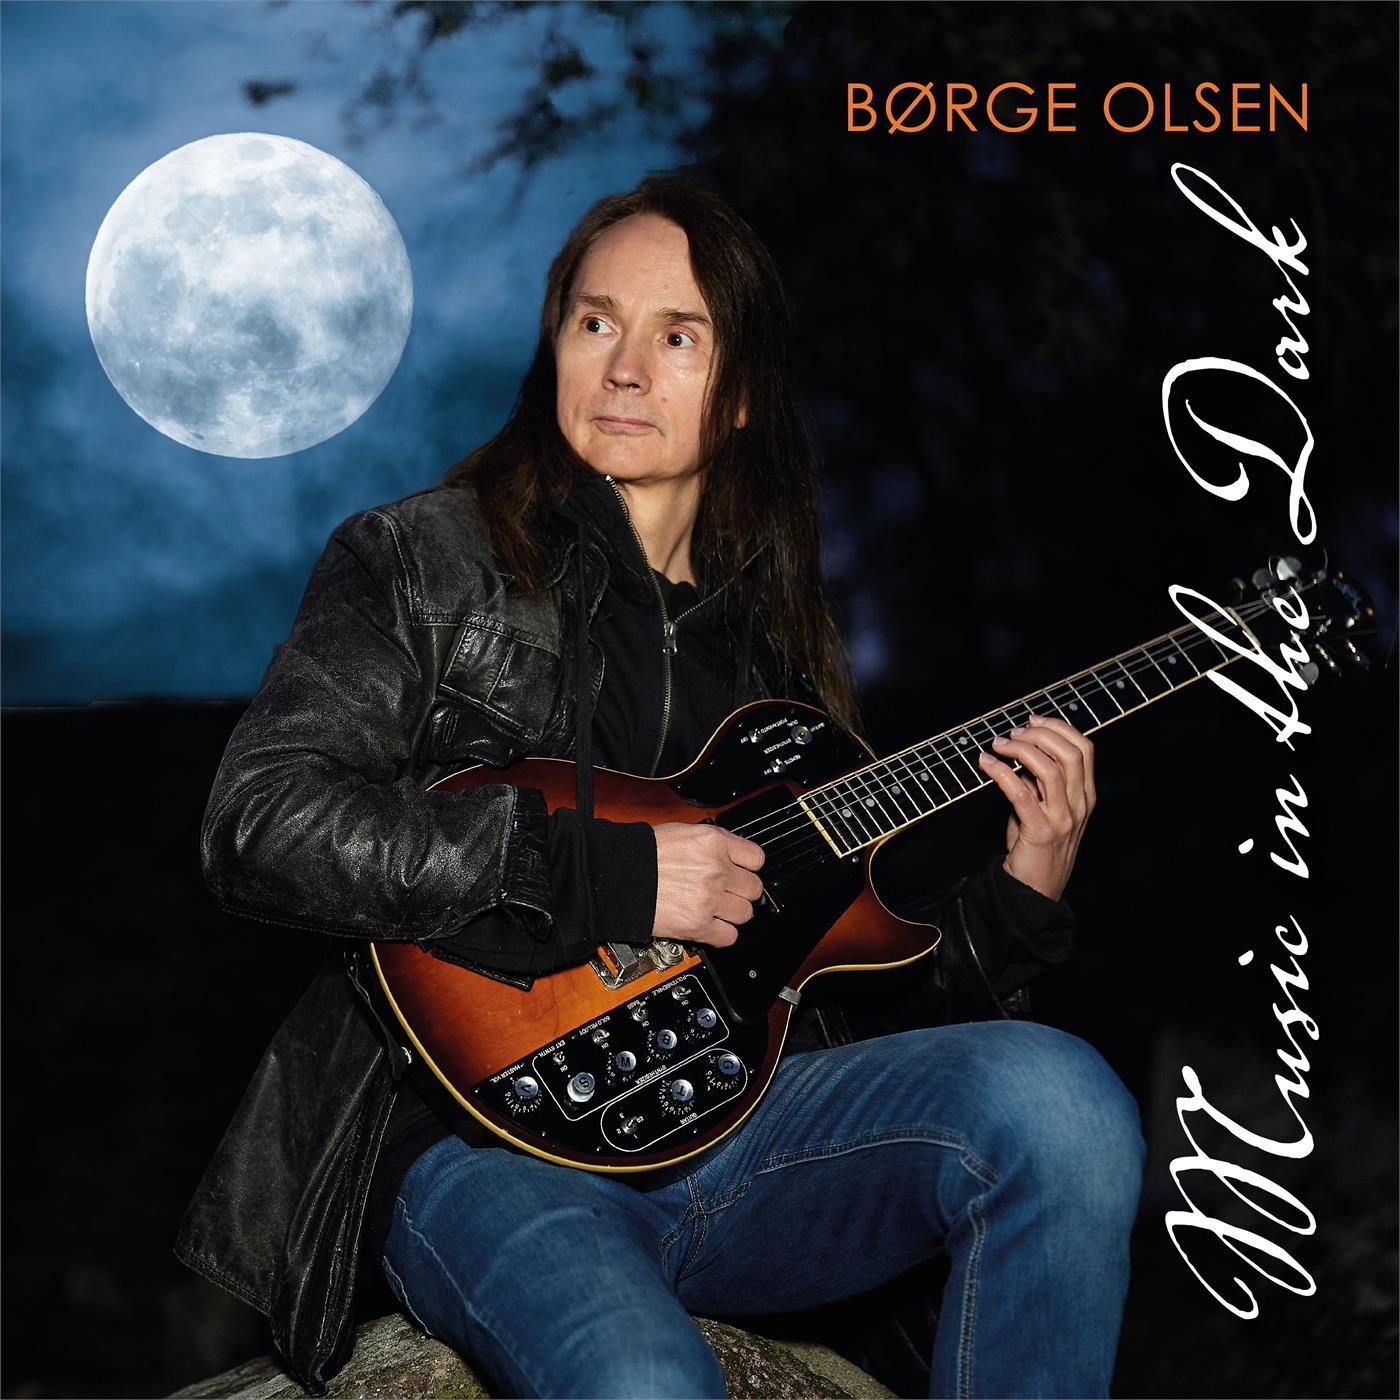 Børge Olsen - Music in the Dark [LP]